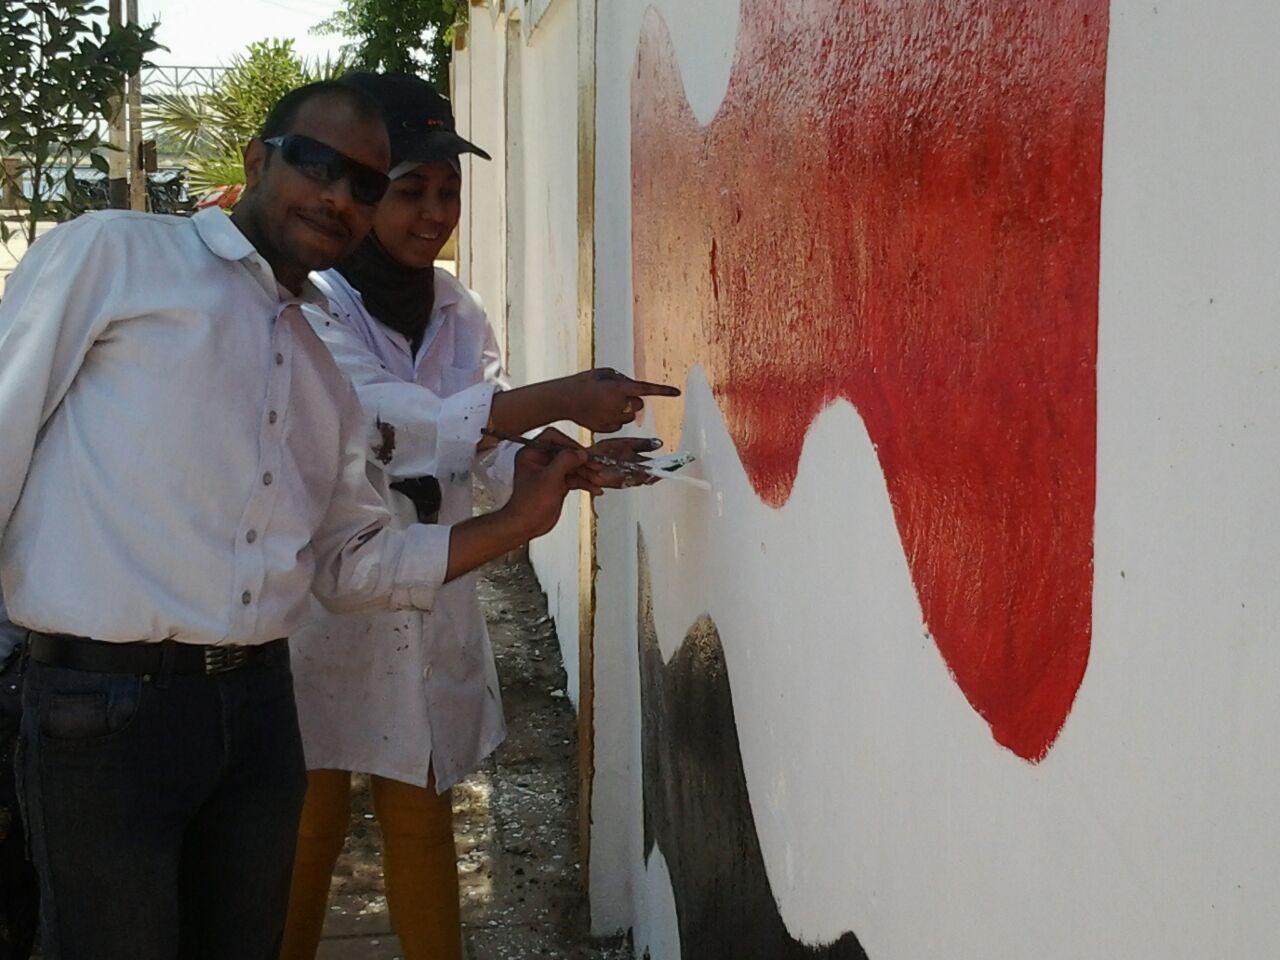 حملة للنظافة وتجميل إدفو ضمن مبادرة «حلوة يا بلدي»